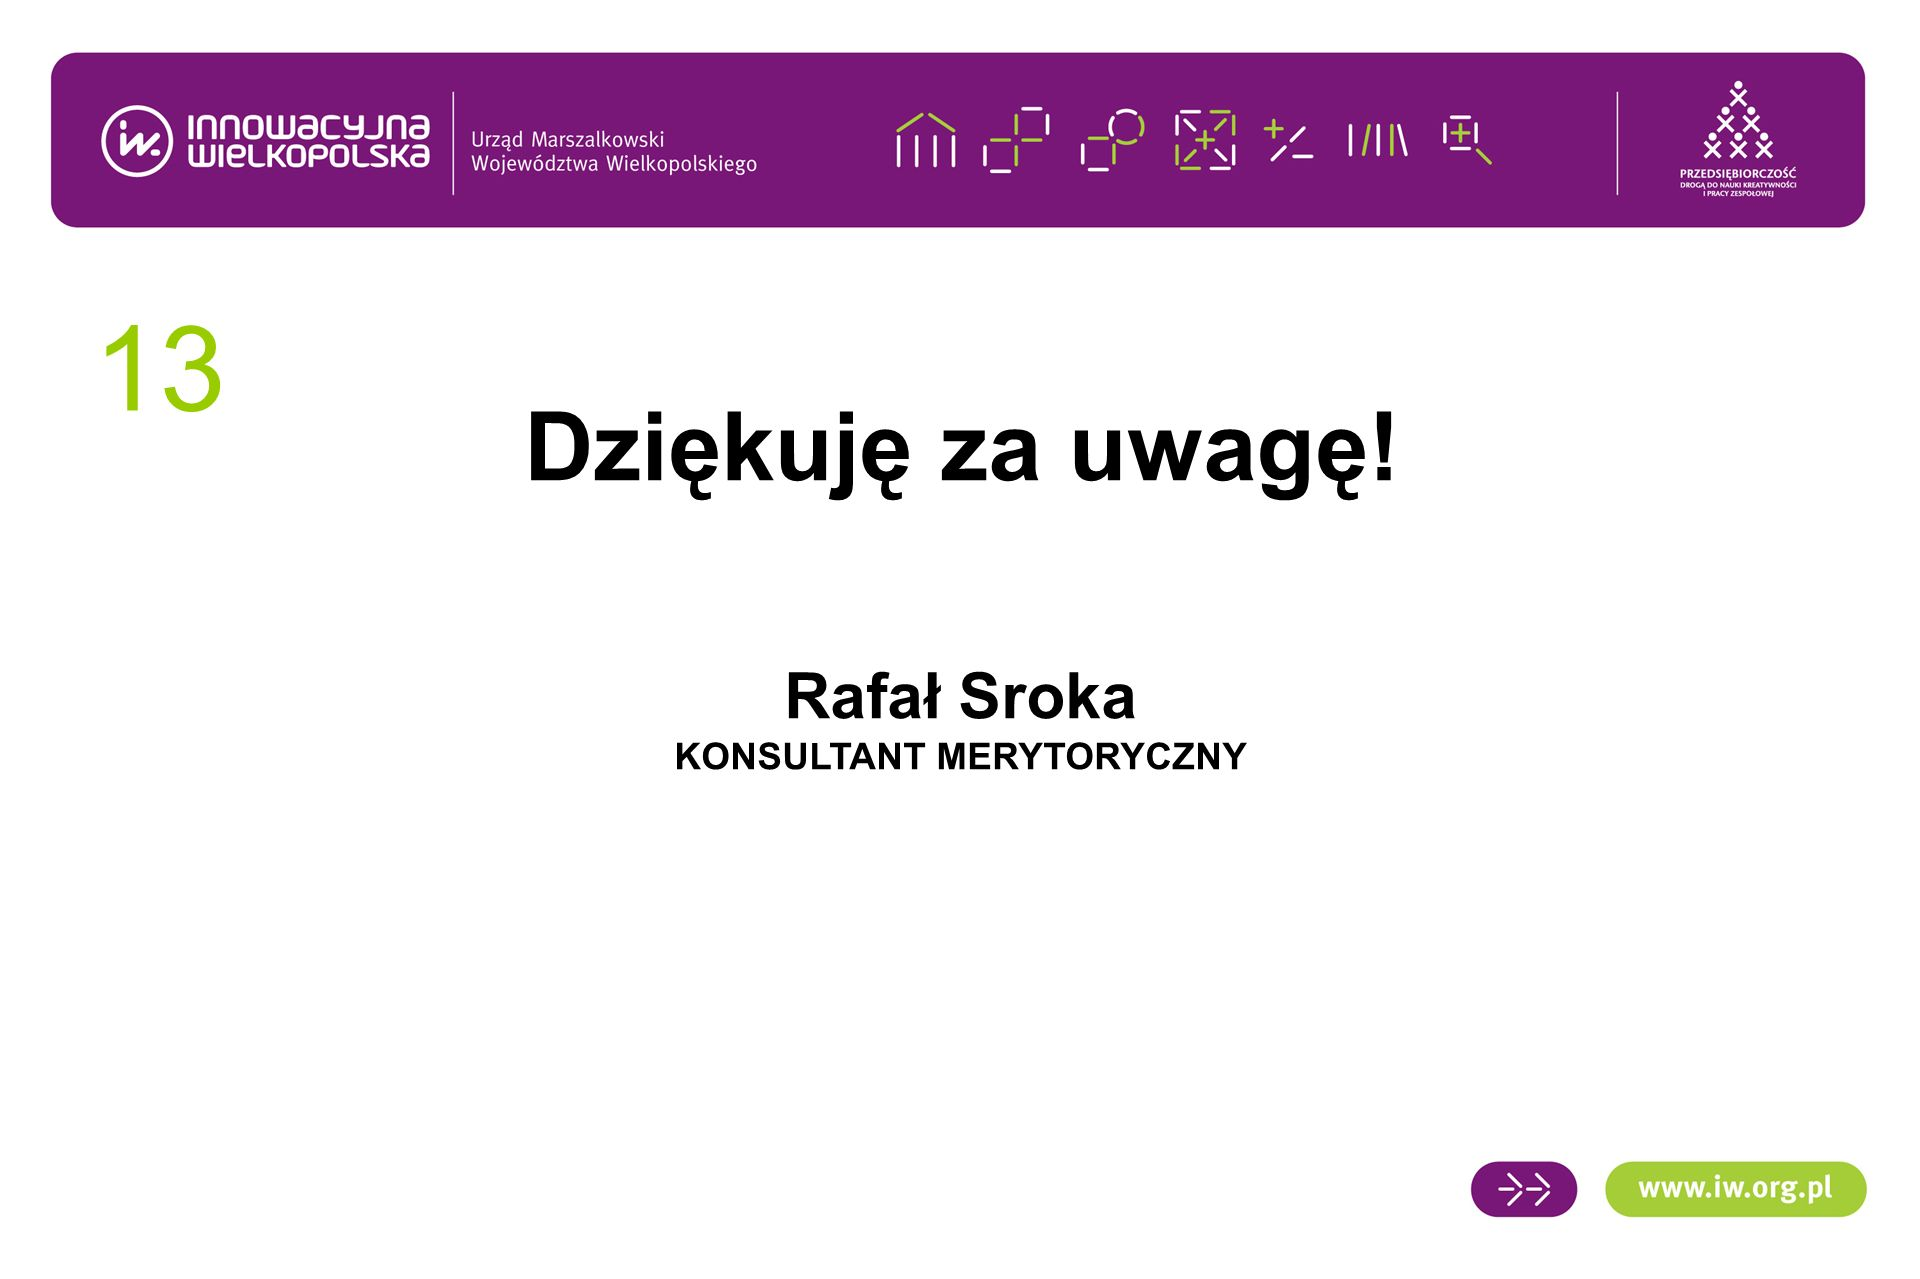 13 Dziękuję za uwagę! Rafał Sroka KONSULTANT MERYTORYCZNY